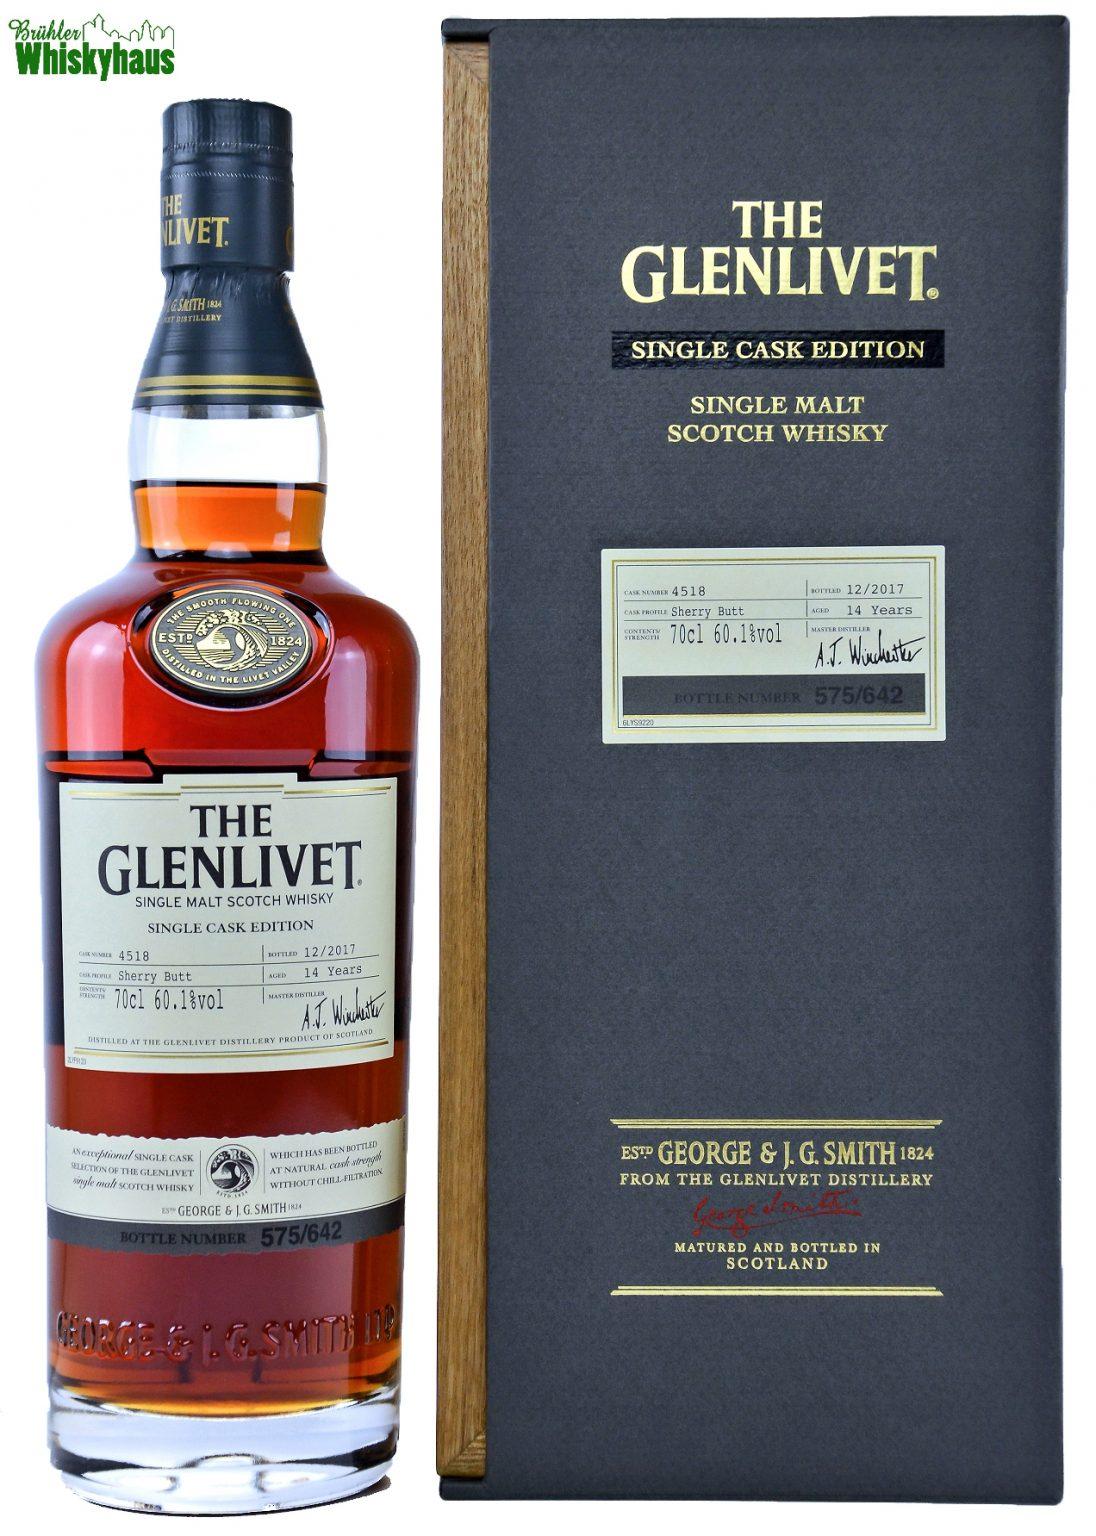 Glenlivet Vintage - 14 Jahre - Single Cask Edition - Sherry Butt No. 4518 - Single Malt Scotch Whisky